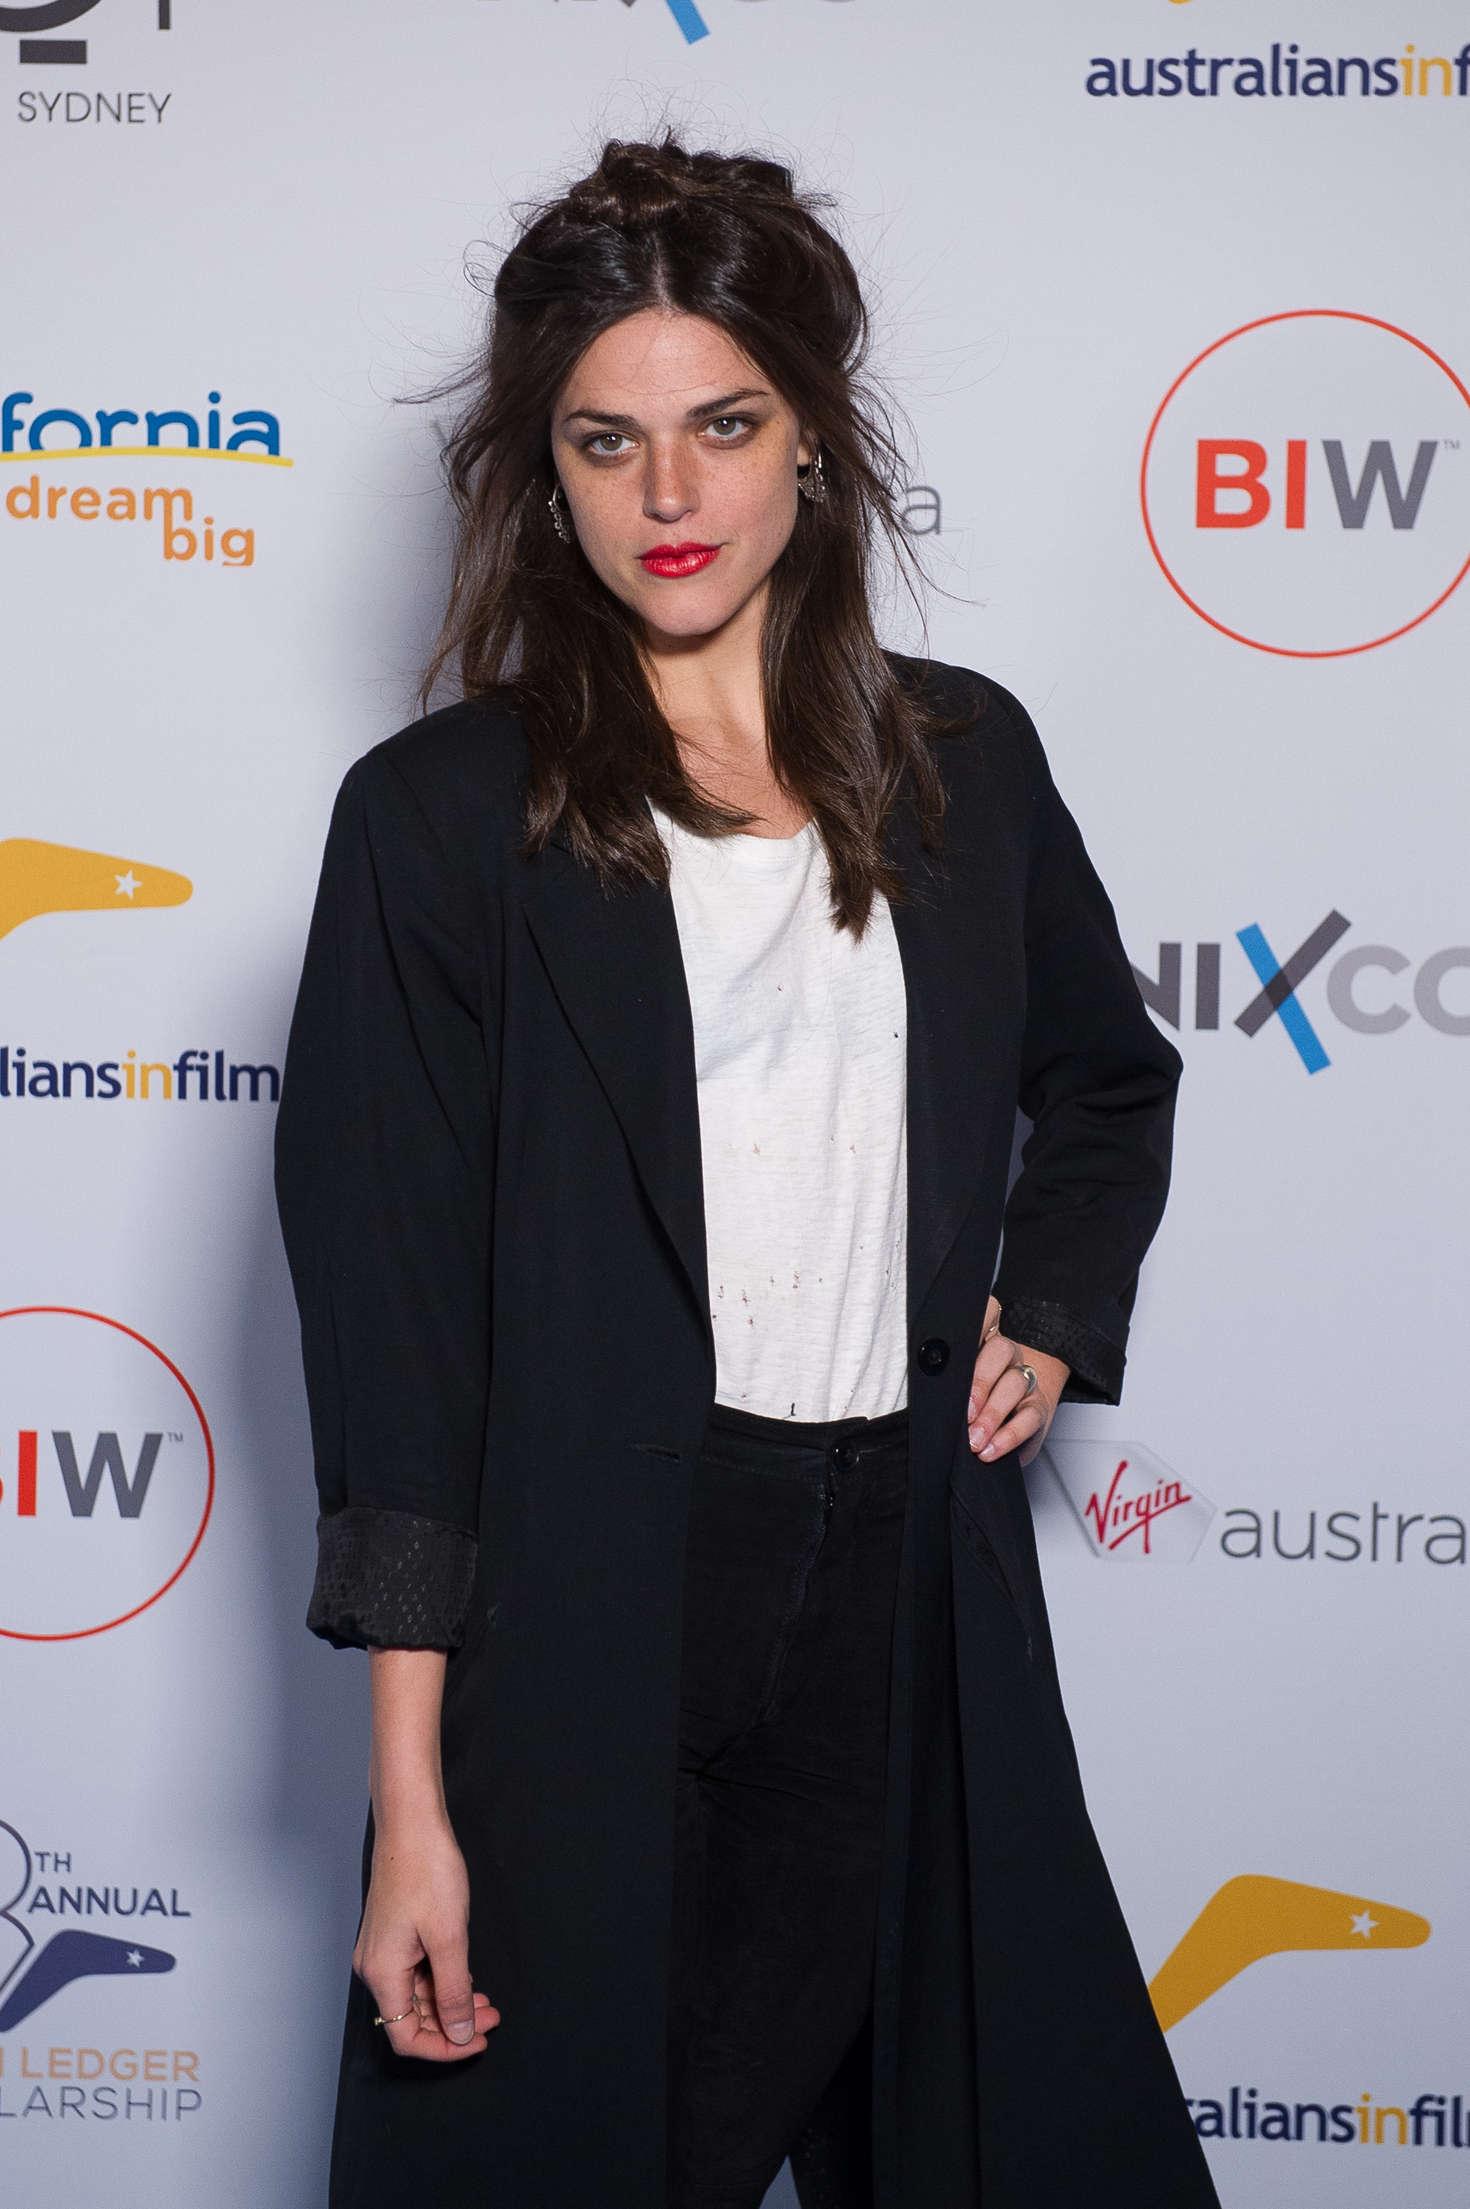 Callie Hernandez - AiF Heath Ledger Scholarship 2016 Announced in Sydney